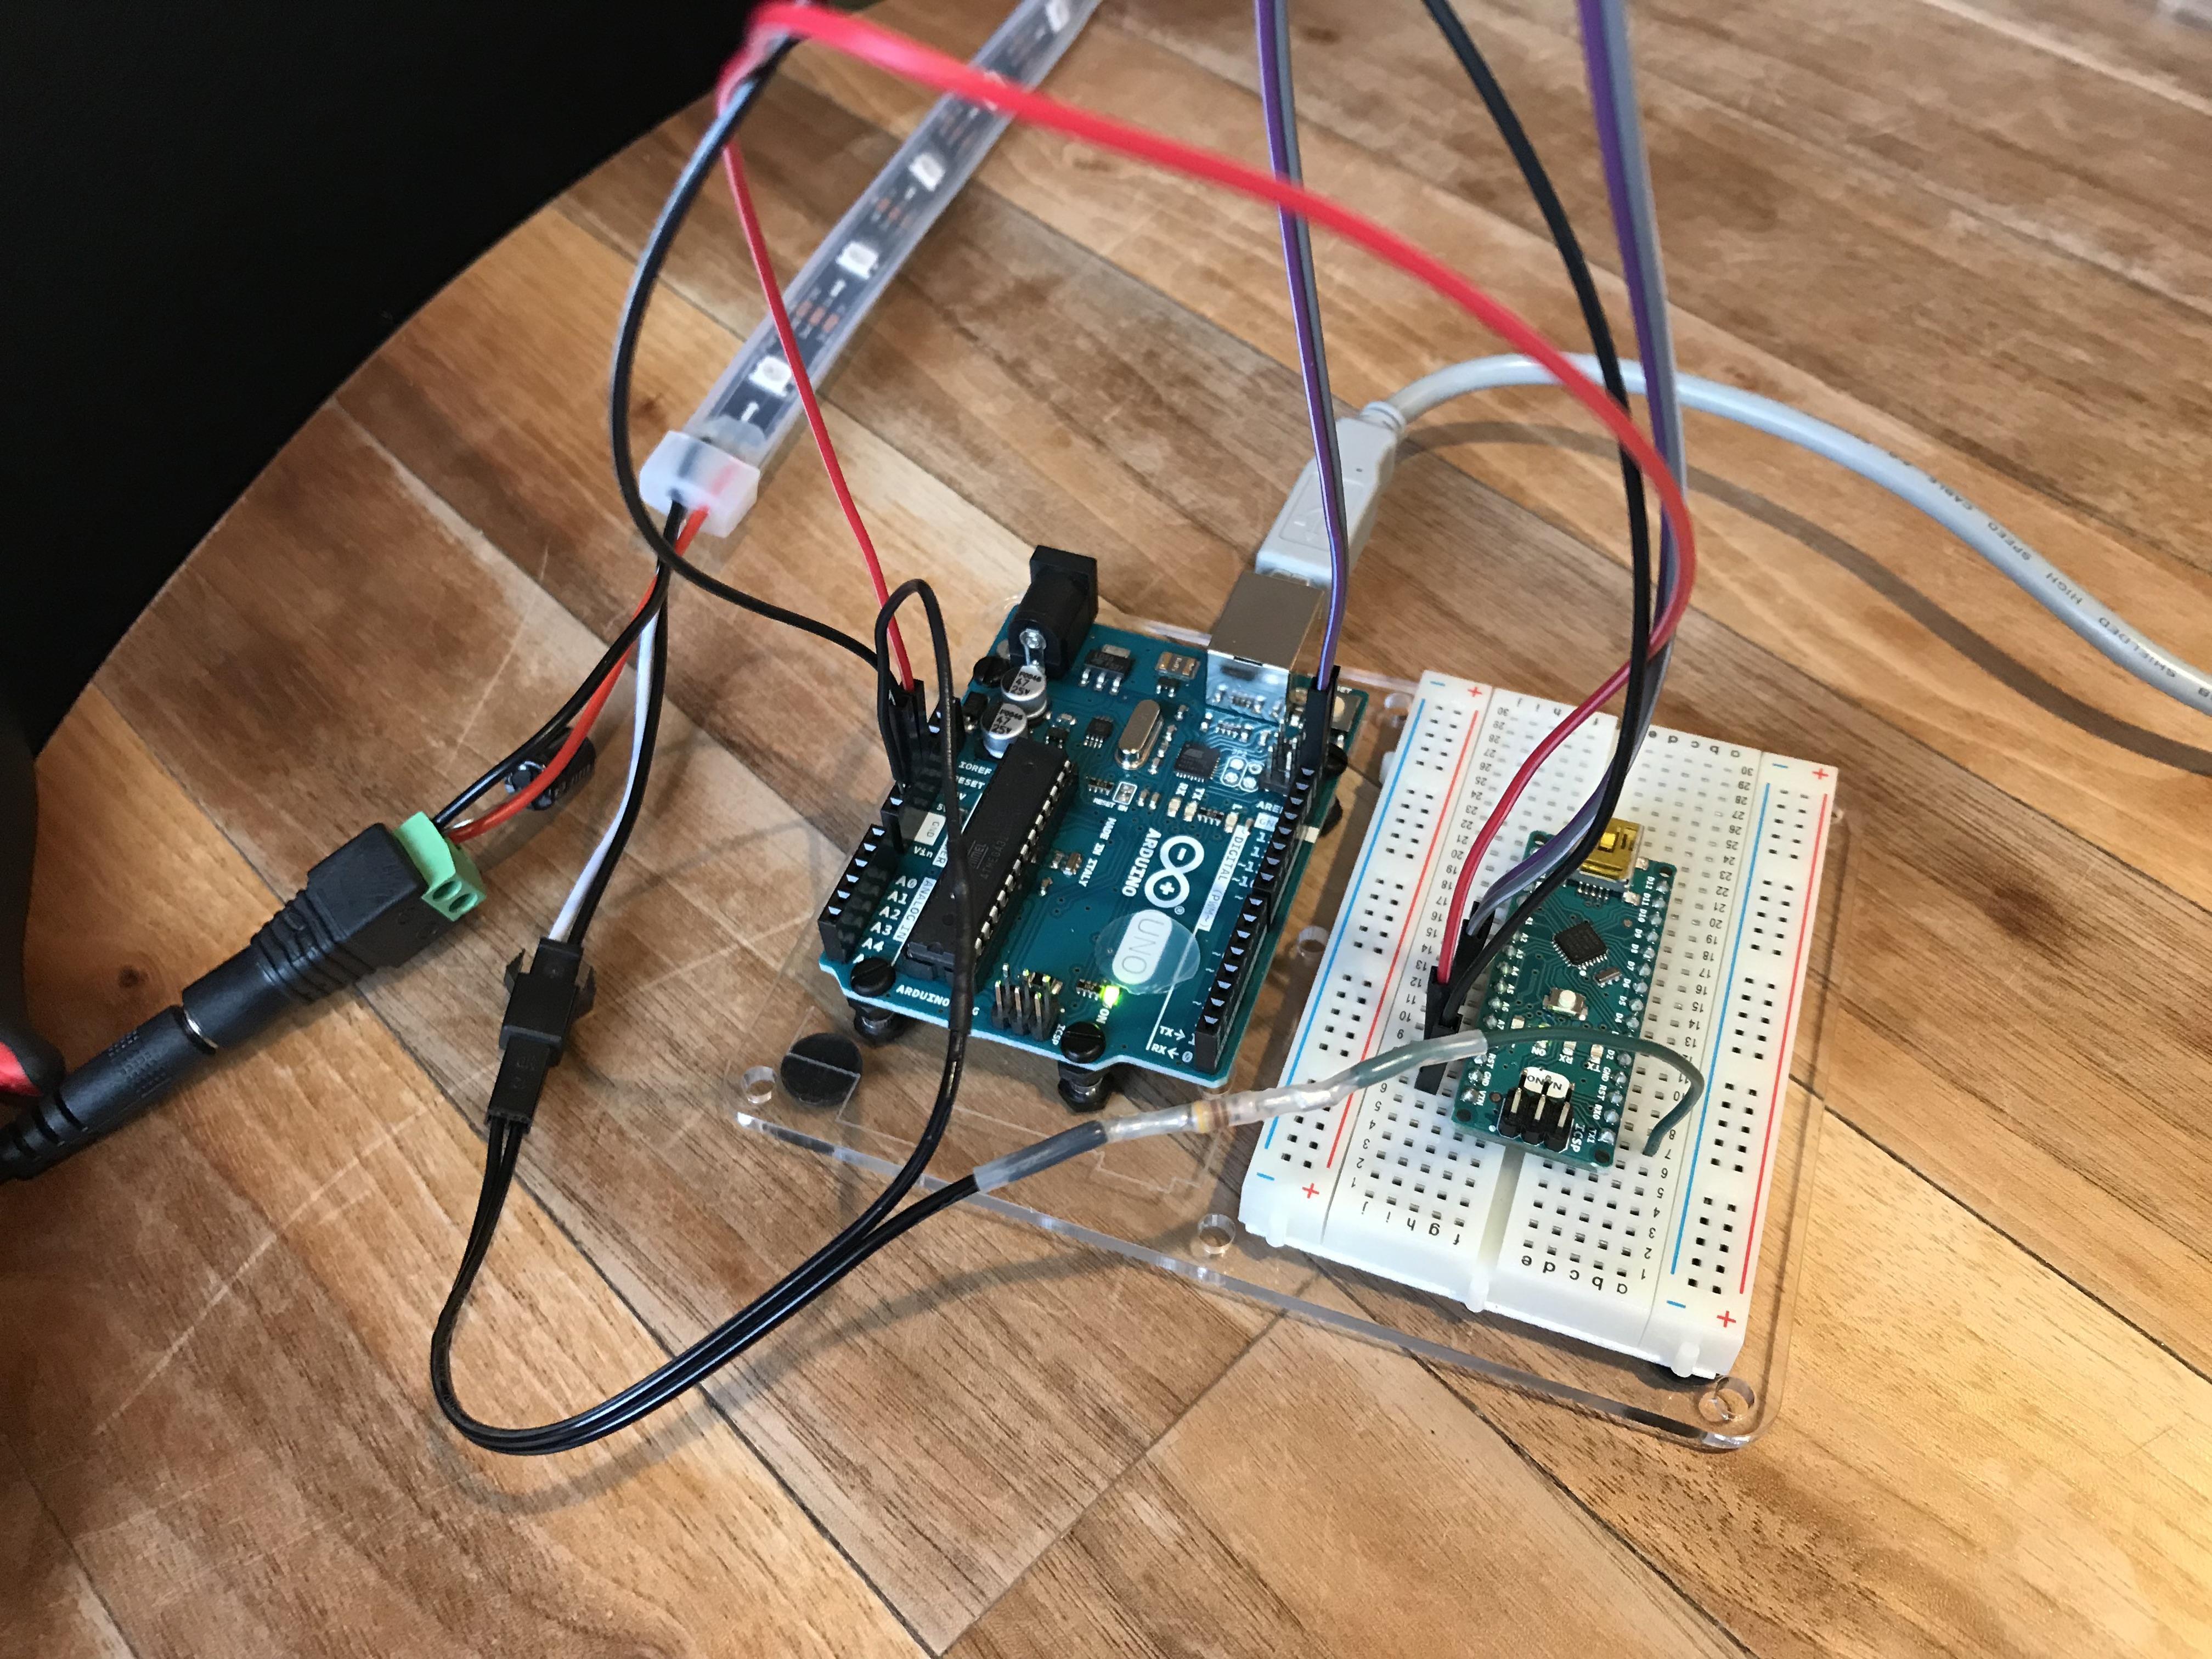 Arduino neopixel download